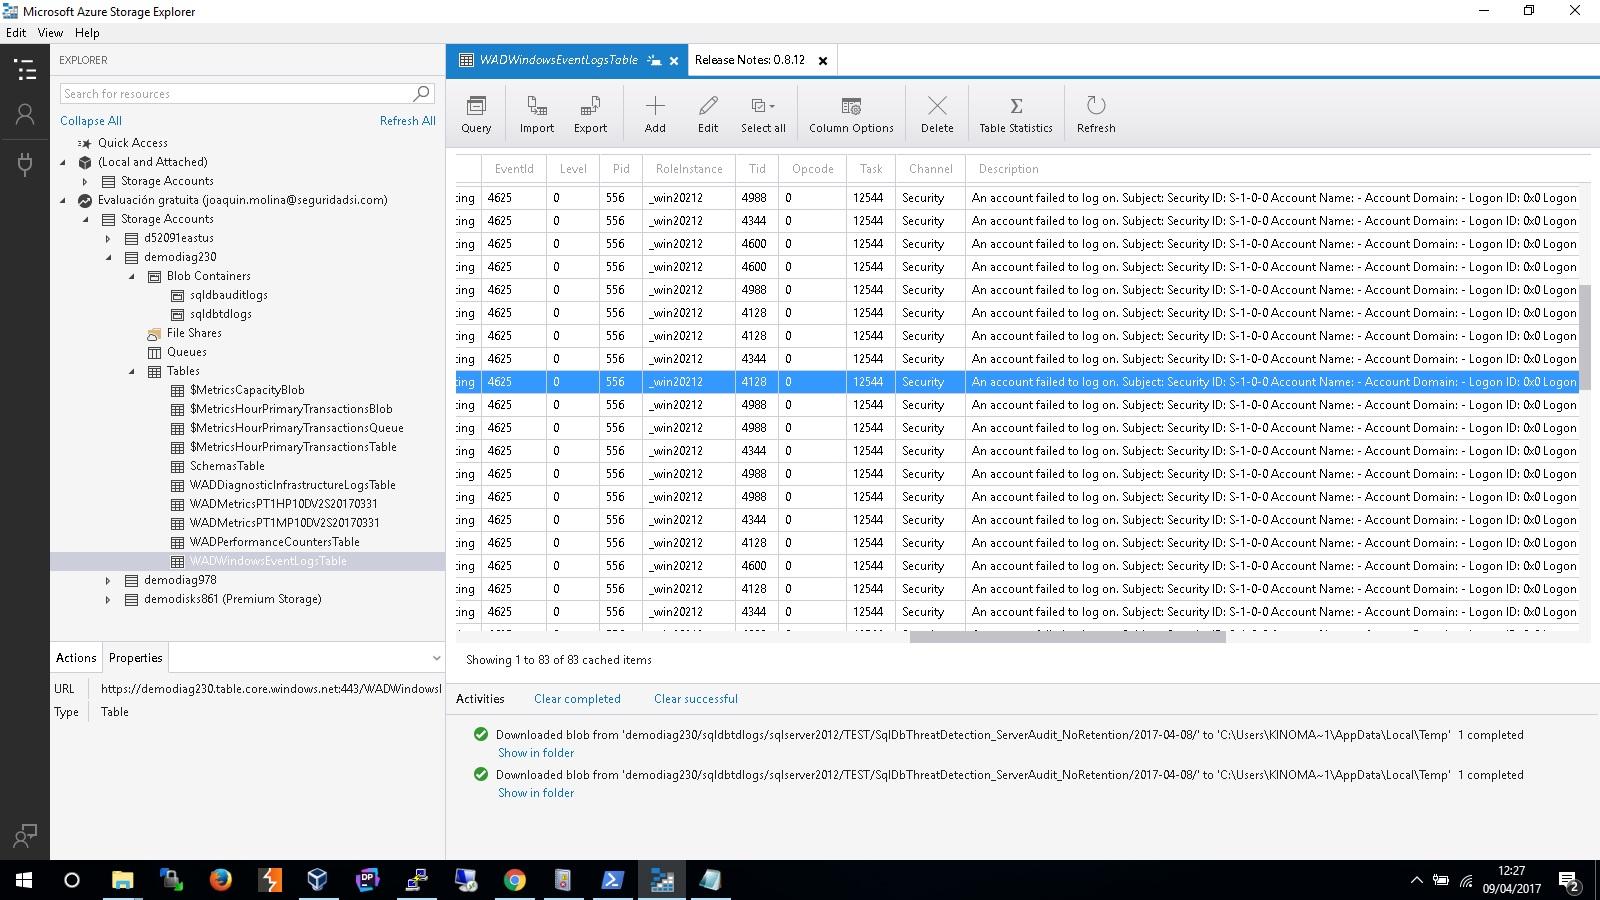 INSEGUROS Seguridad informática: abril 2017